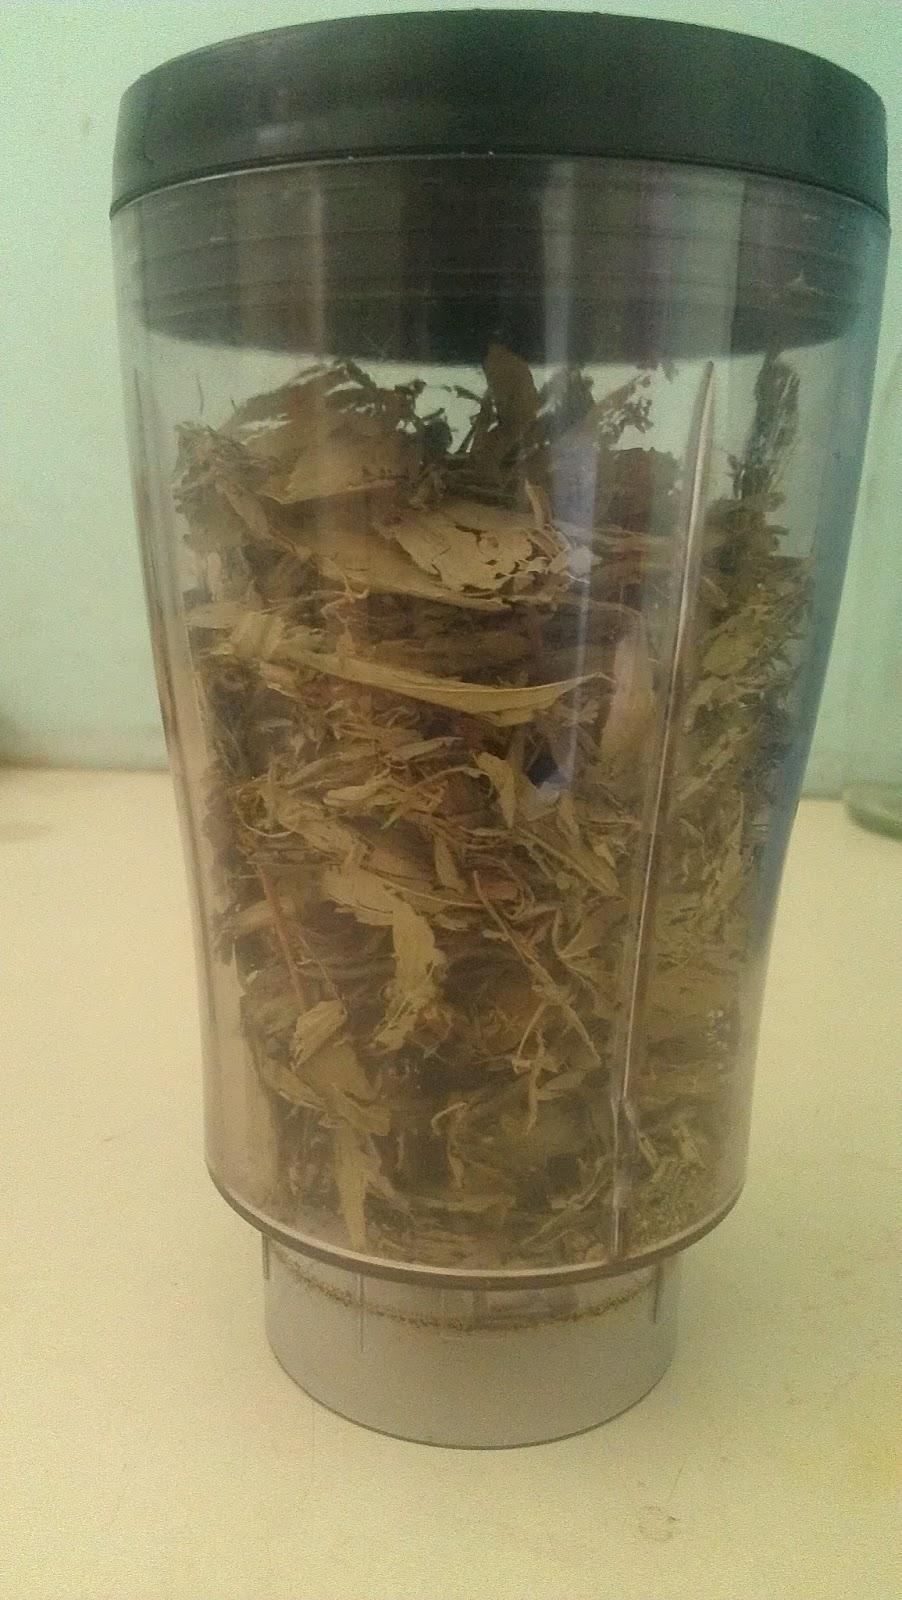 #Salud: ¿Cómo se prepara la #Stevia en Hojas?